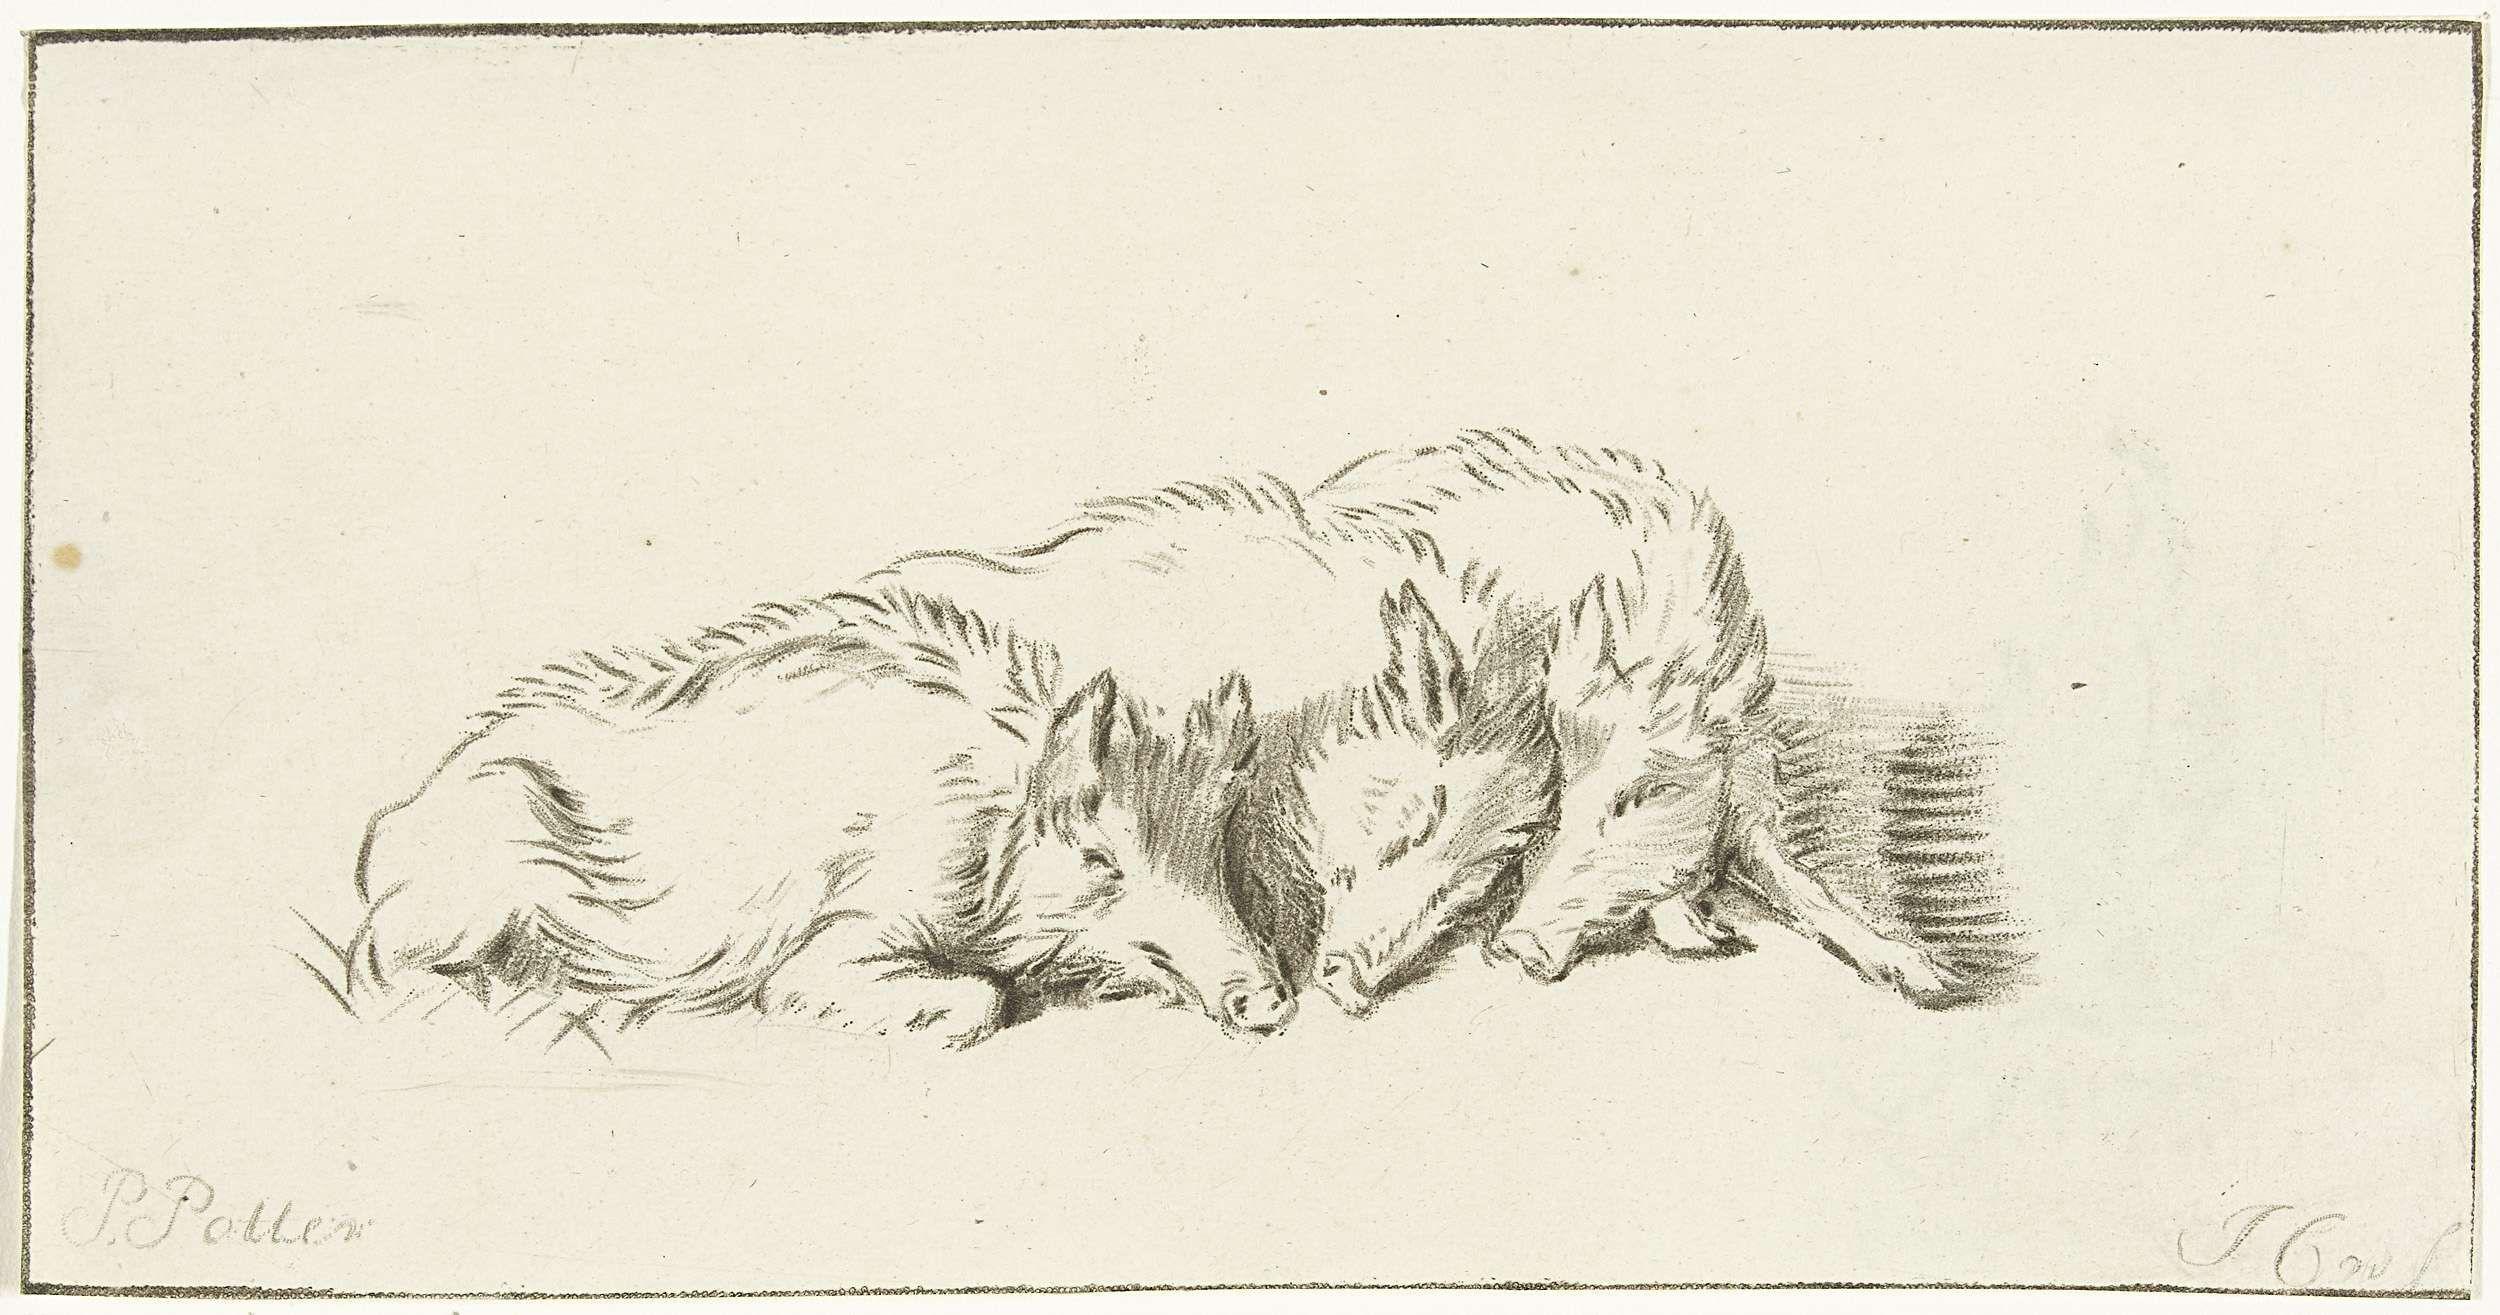 Jurriaan Cootwijck | Drie wilde zwijnen, Jurriaan Cootwijck, 1724 - 1798 | Drie wilden zwijnen liggen tegen elkaar